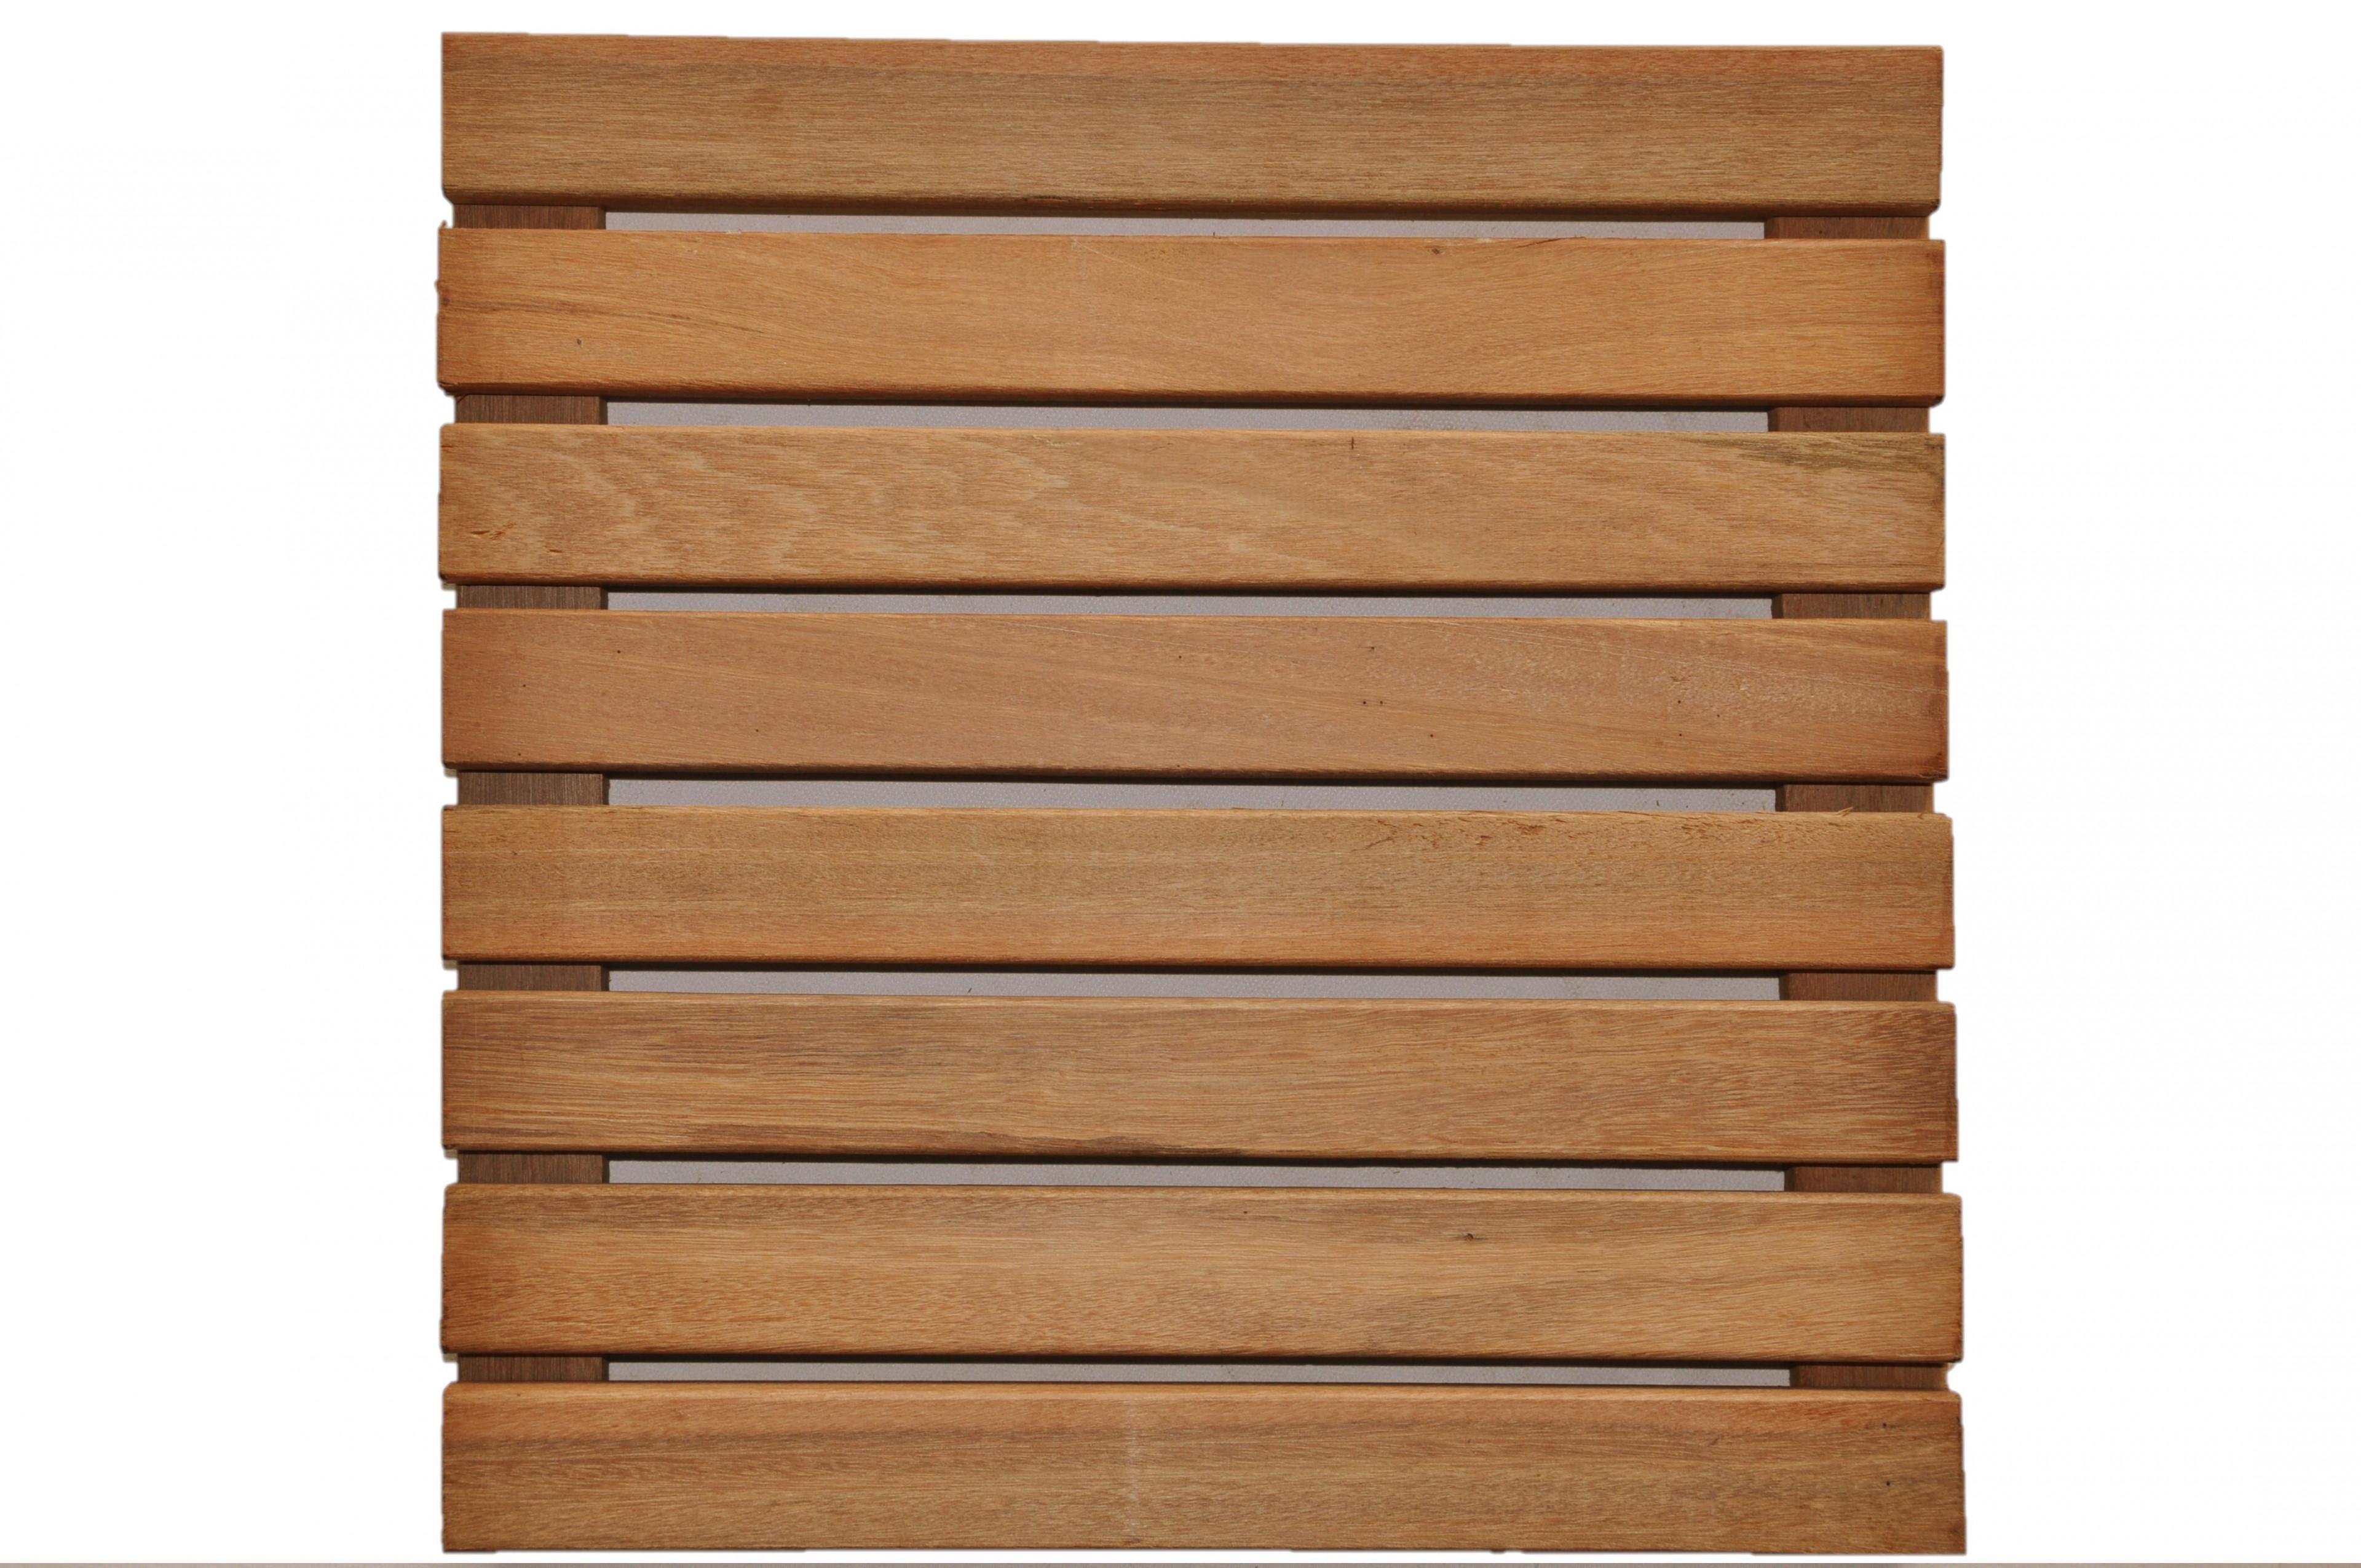 Dalles de terrasse en bois: Bangkirai massif lisse 30 x 400 x 400mm à vernir